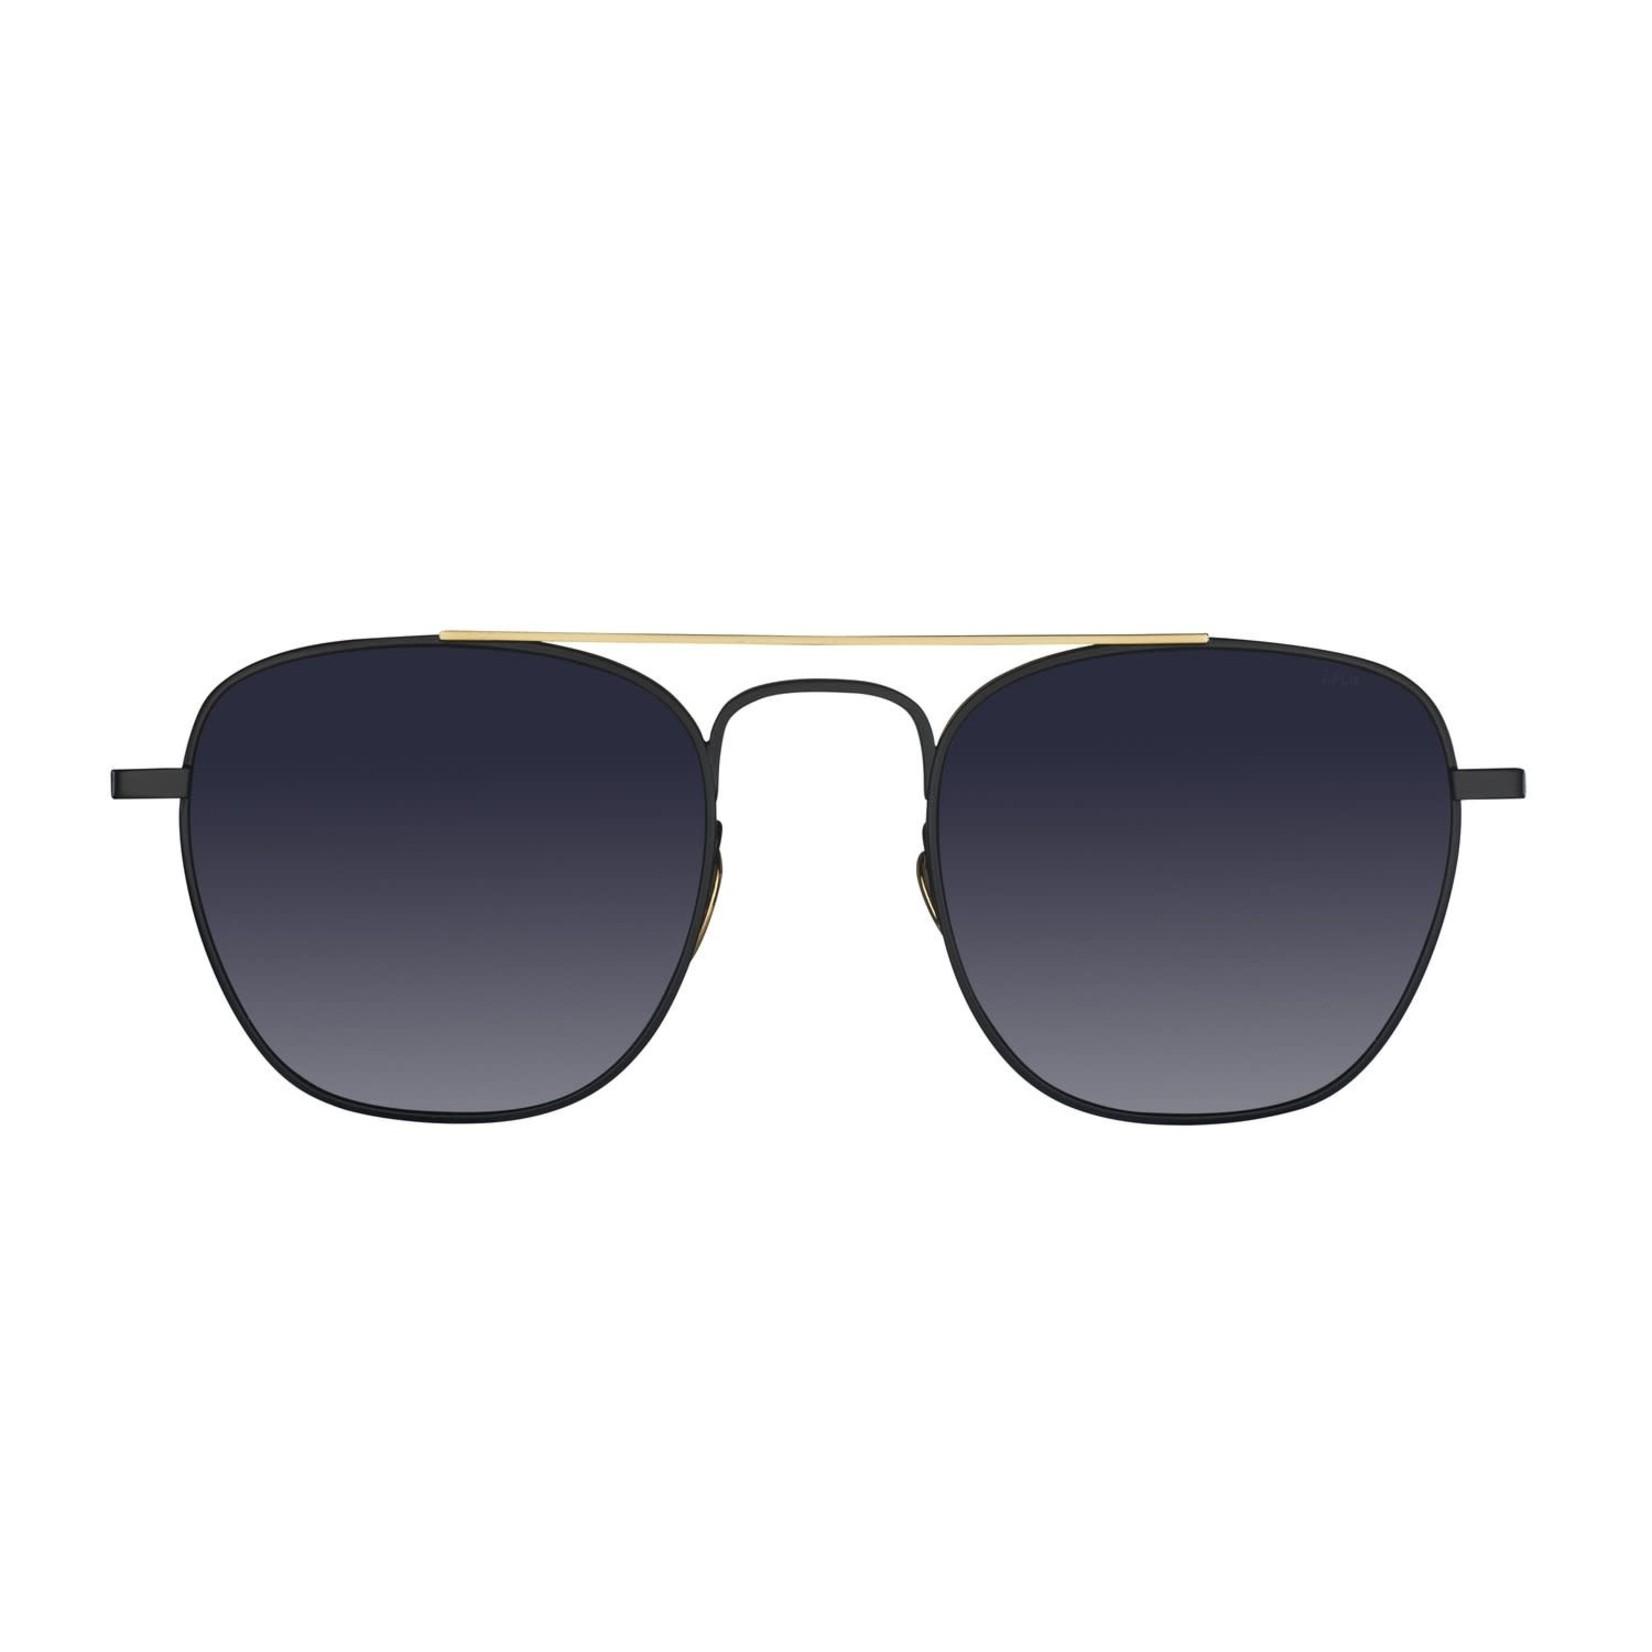 La Petite Lunette Eyewear LPLR Fargelled Sun